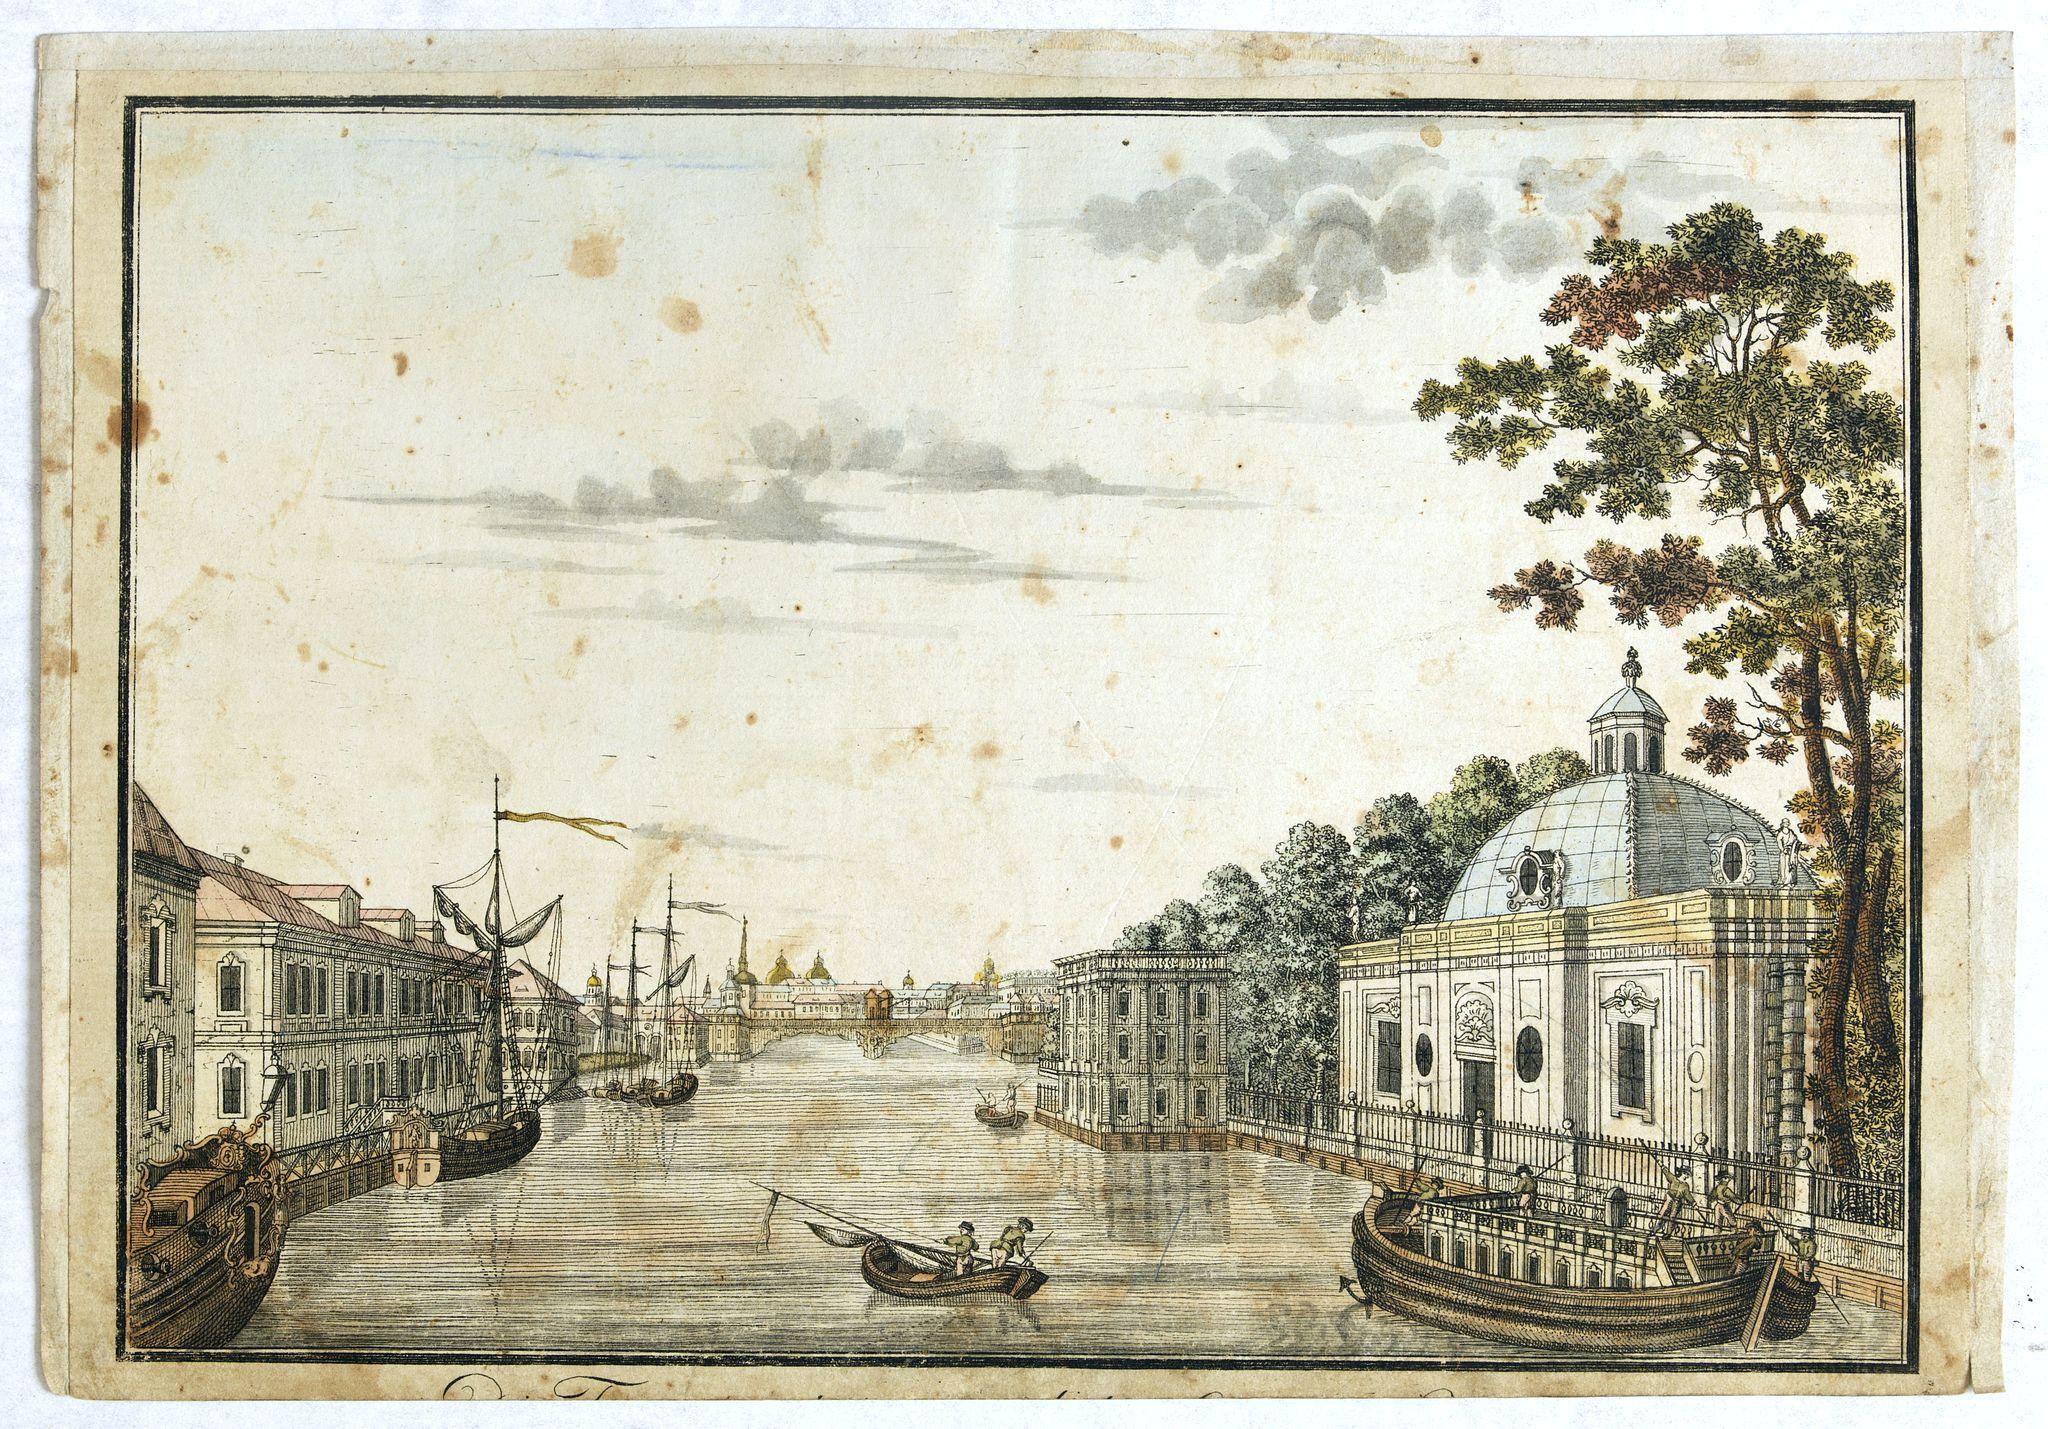 DURFELDT, F. -  (Die Fontanka beim kaiserlichen Garten in Petersbourg.)